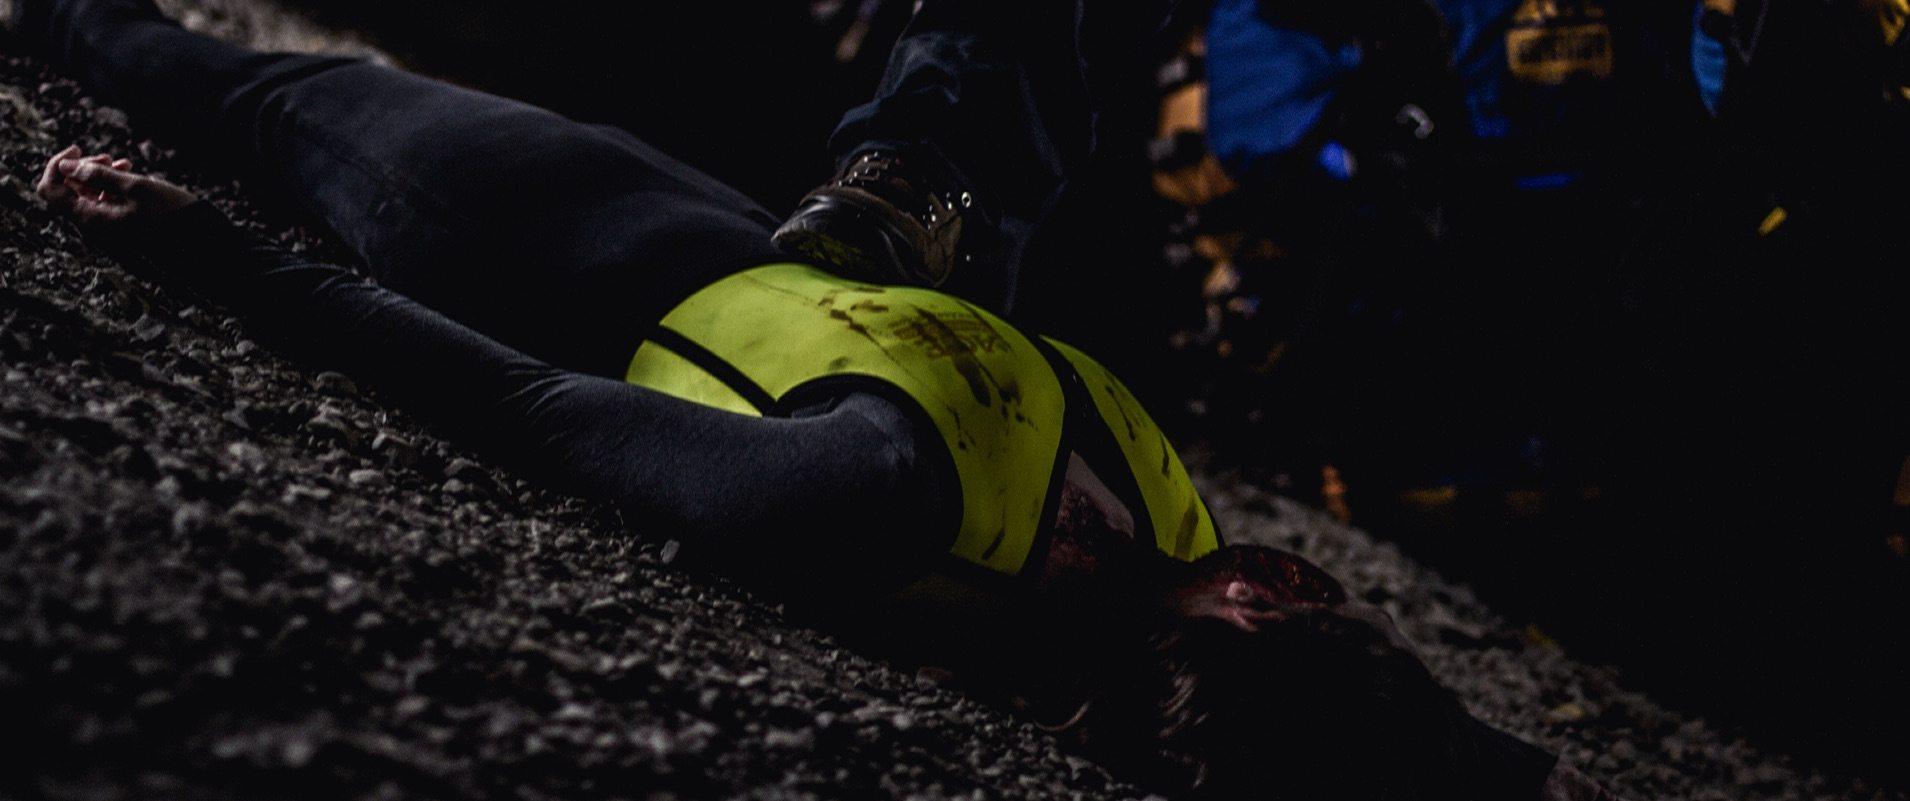 wetsuit-victim-web